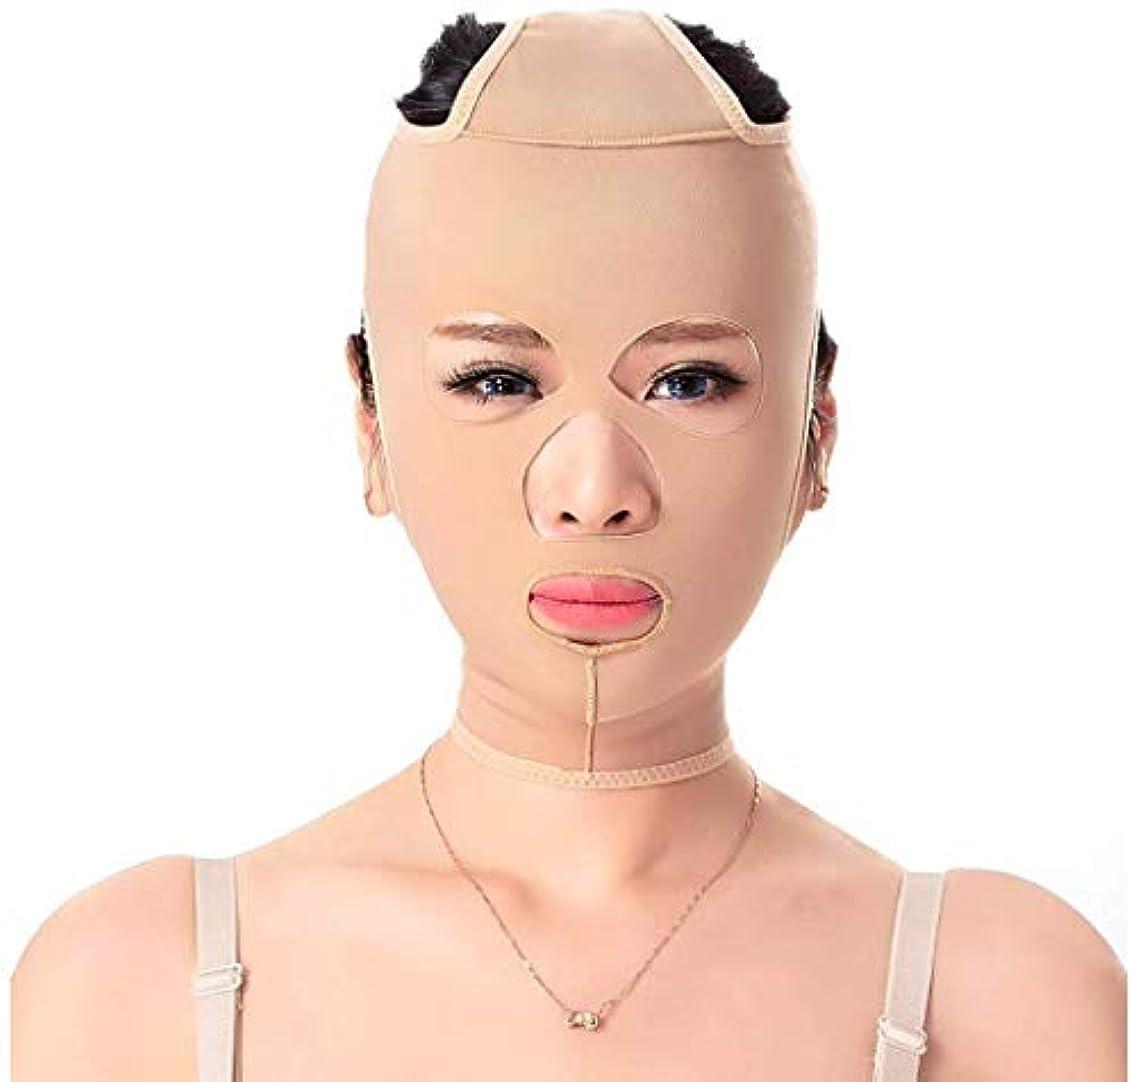 公平テンションはしご美と実用的なSlim身ベルト、フェイシャルマスク薄い布マスクを決定するパターンを持ち上げる二重あご引き締めフェイシャルプラスチック顔アーティファクト強力な顔包帯(サイズ:Xl)